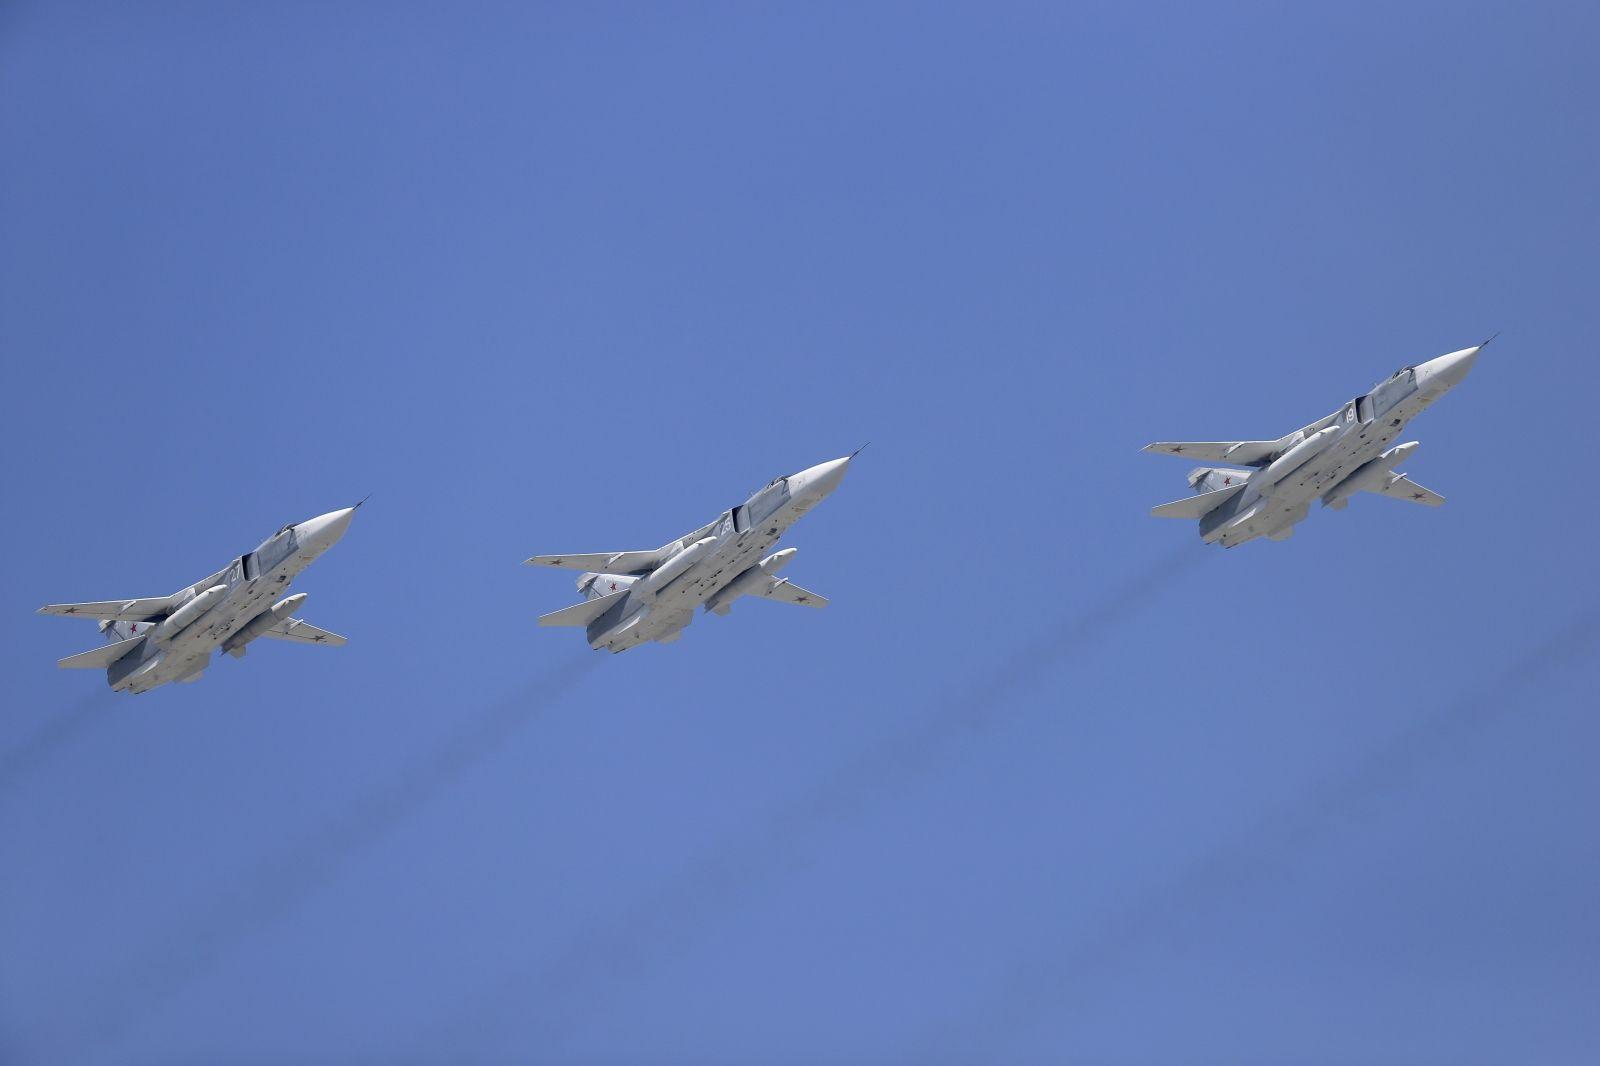 Russia to send Tu-22M3 bombers